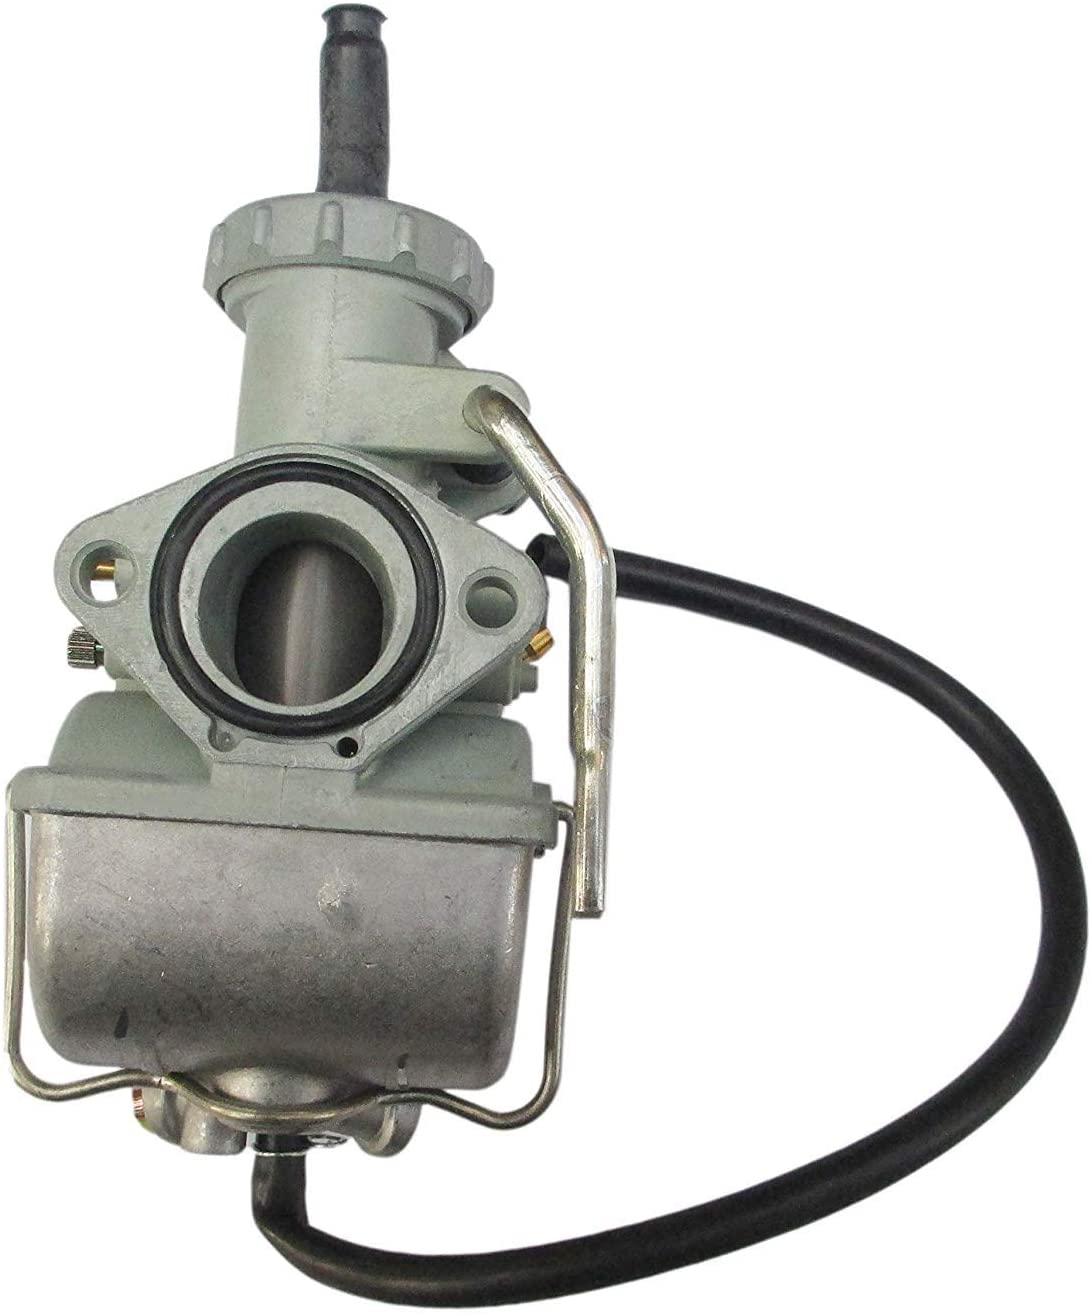 24mm Carburetor Carb for Honda CB100 CB125S CL100 CL125S SL90 SL100 SL125 TL125 XL100 XL125